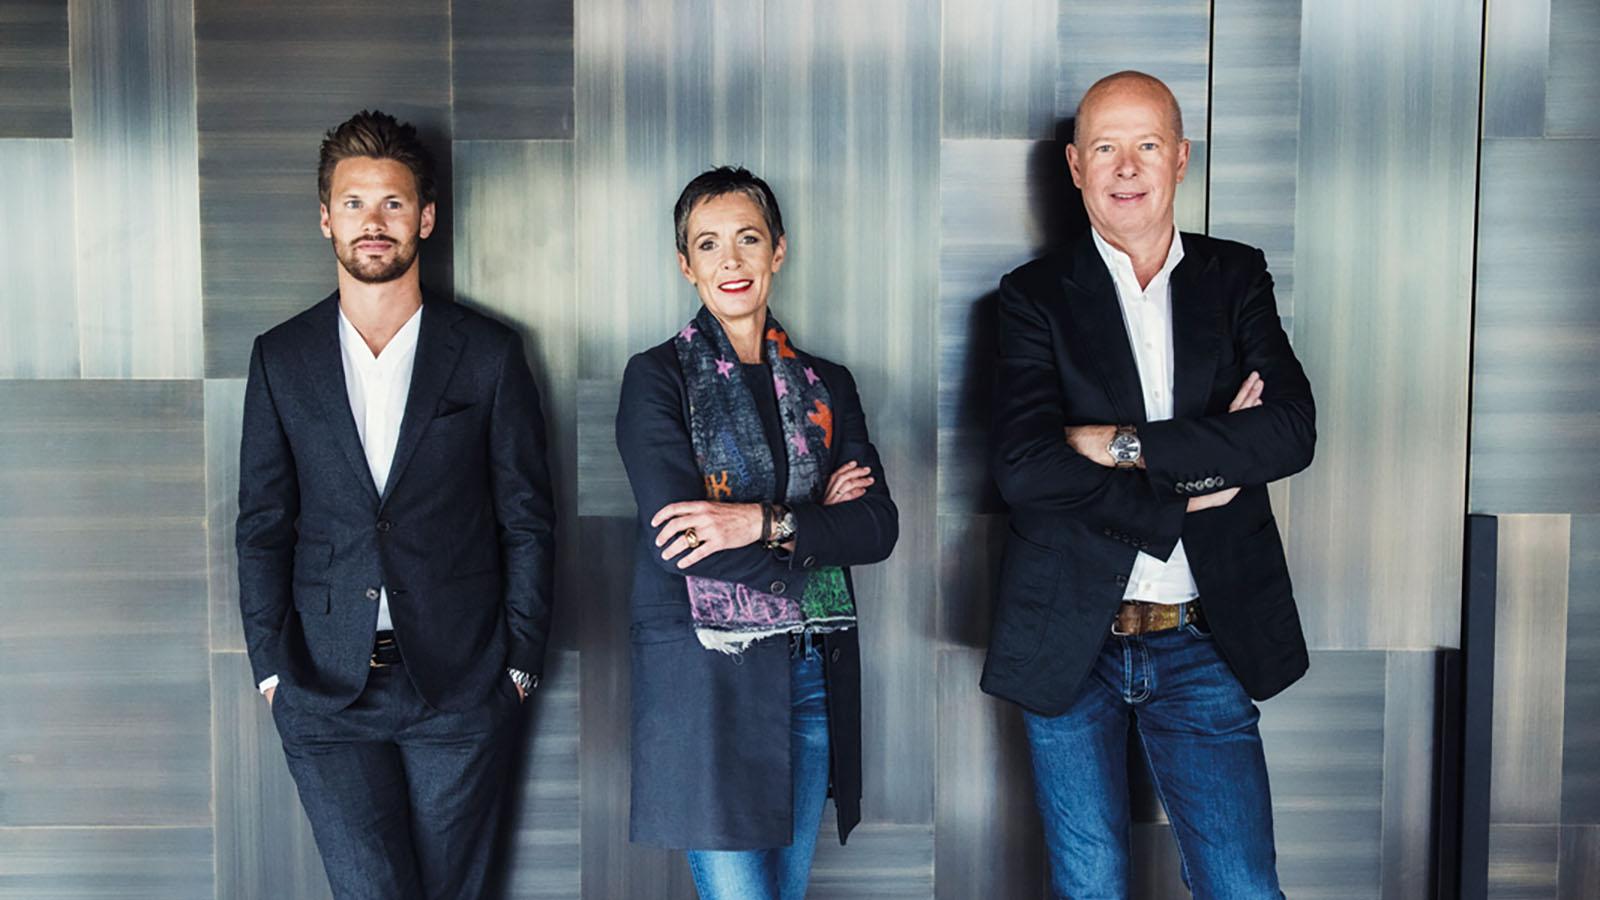 Das Team um Philipp Hoflehner, Ruth und Bernd Gruber